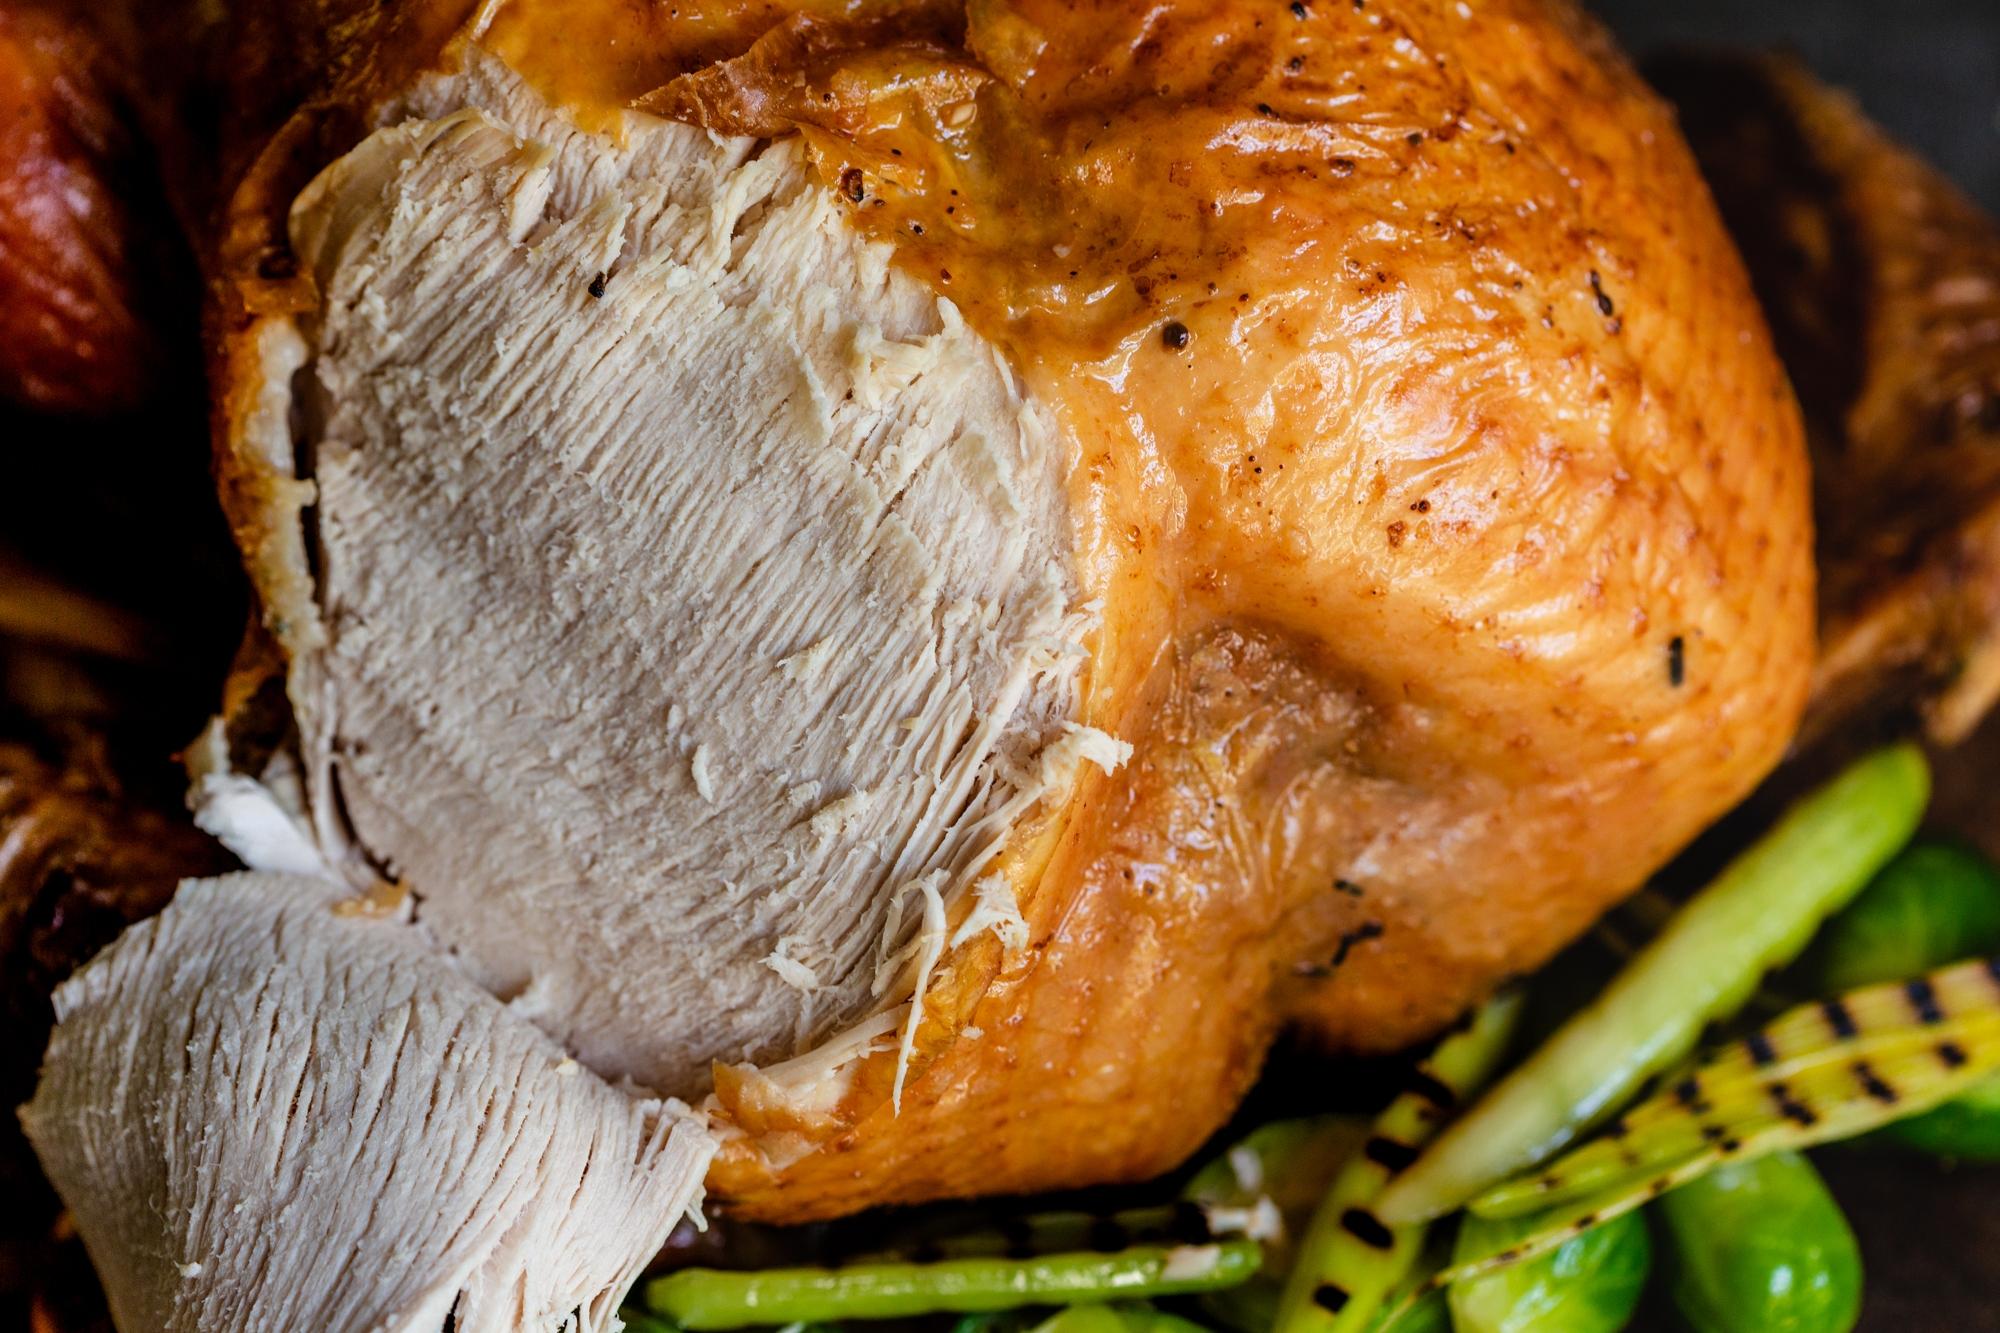 Turkey banquet (feeds 15+)